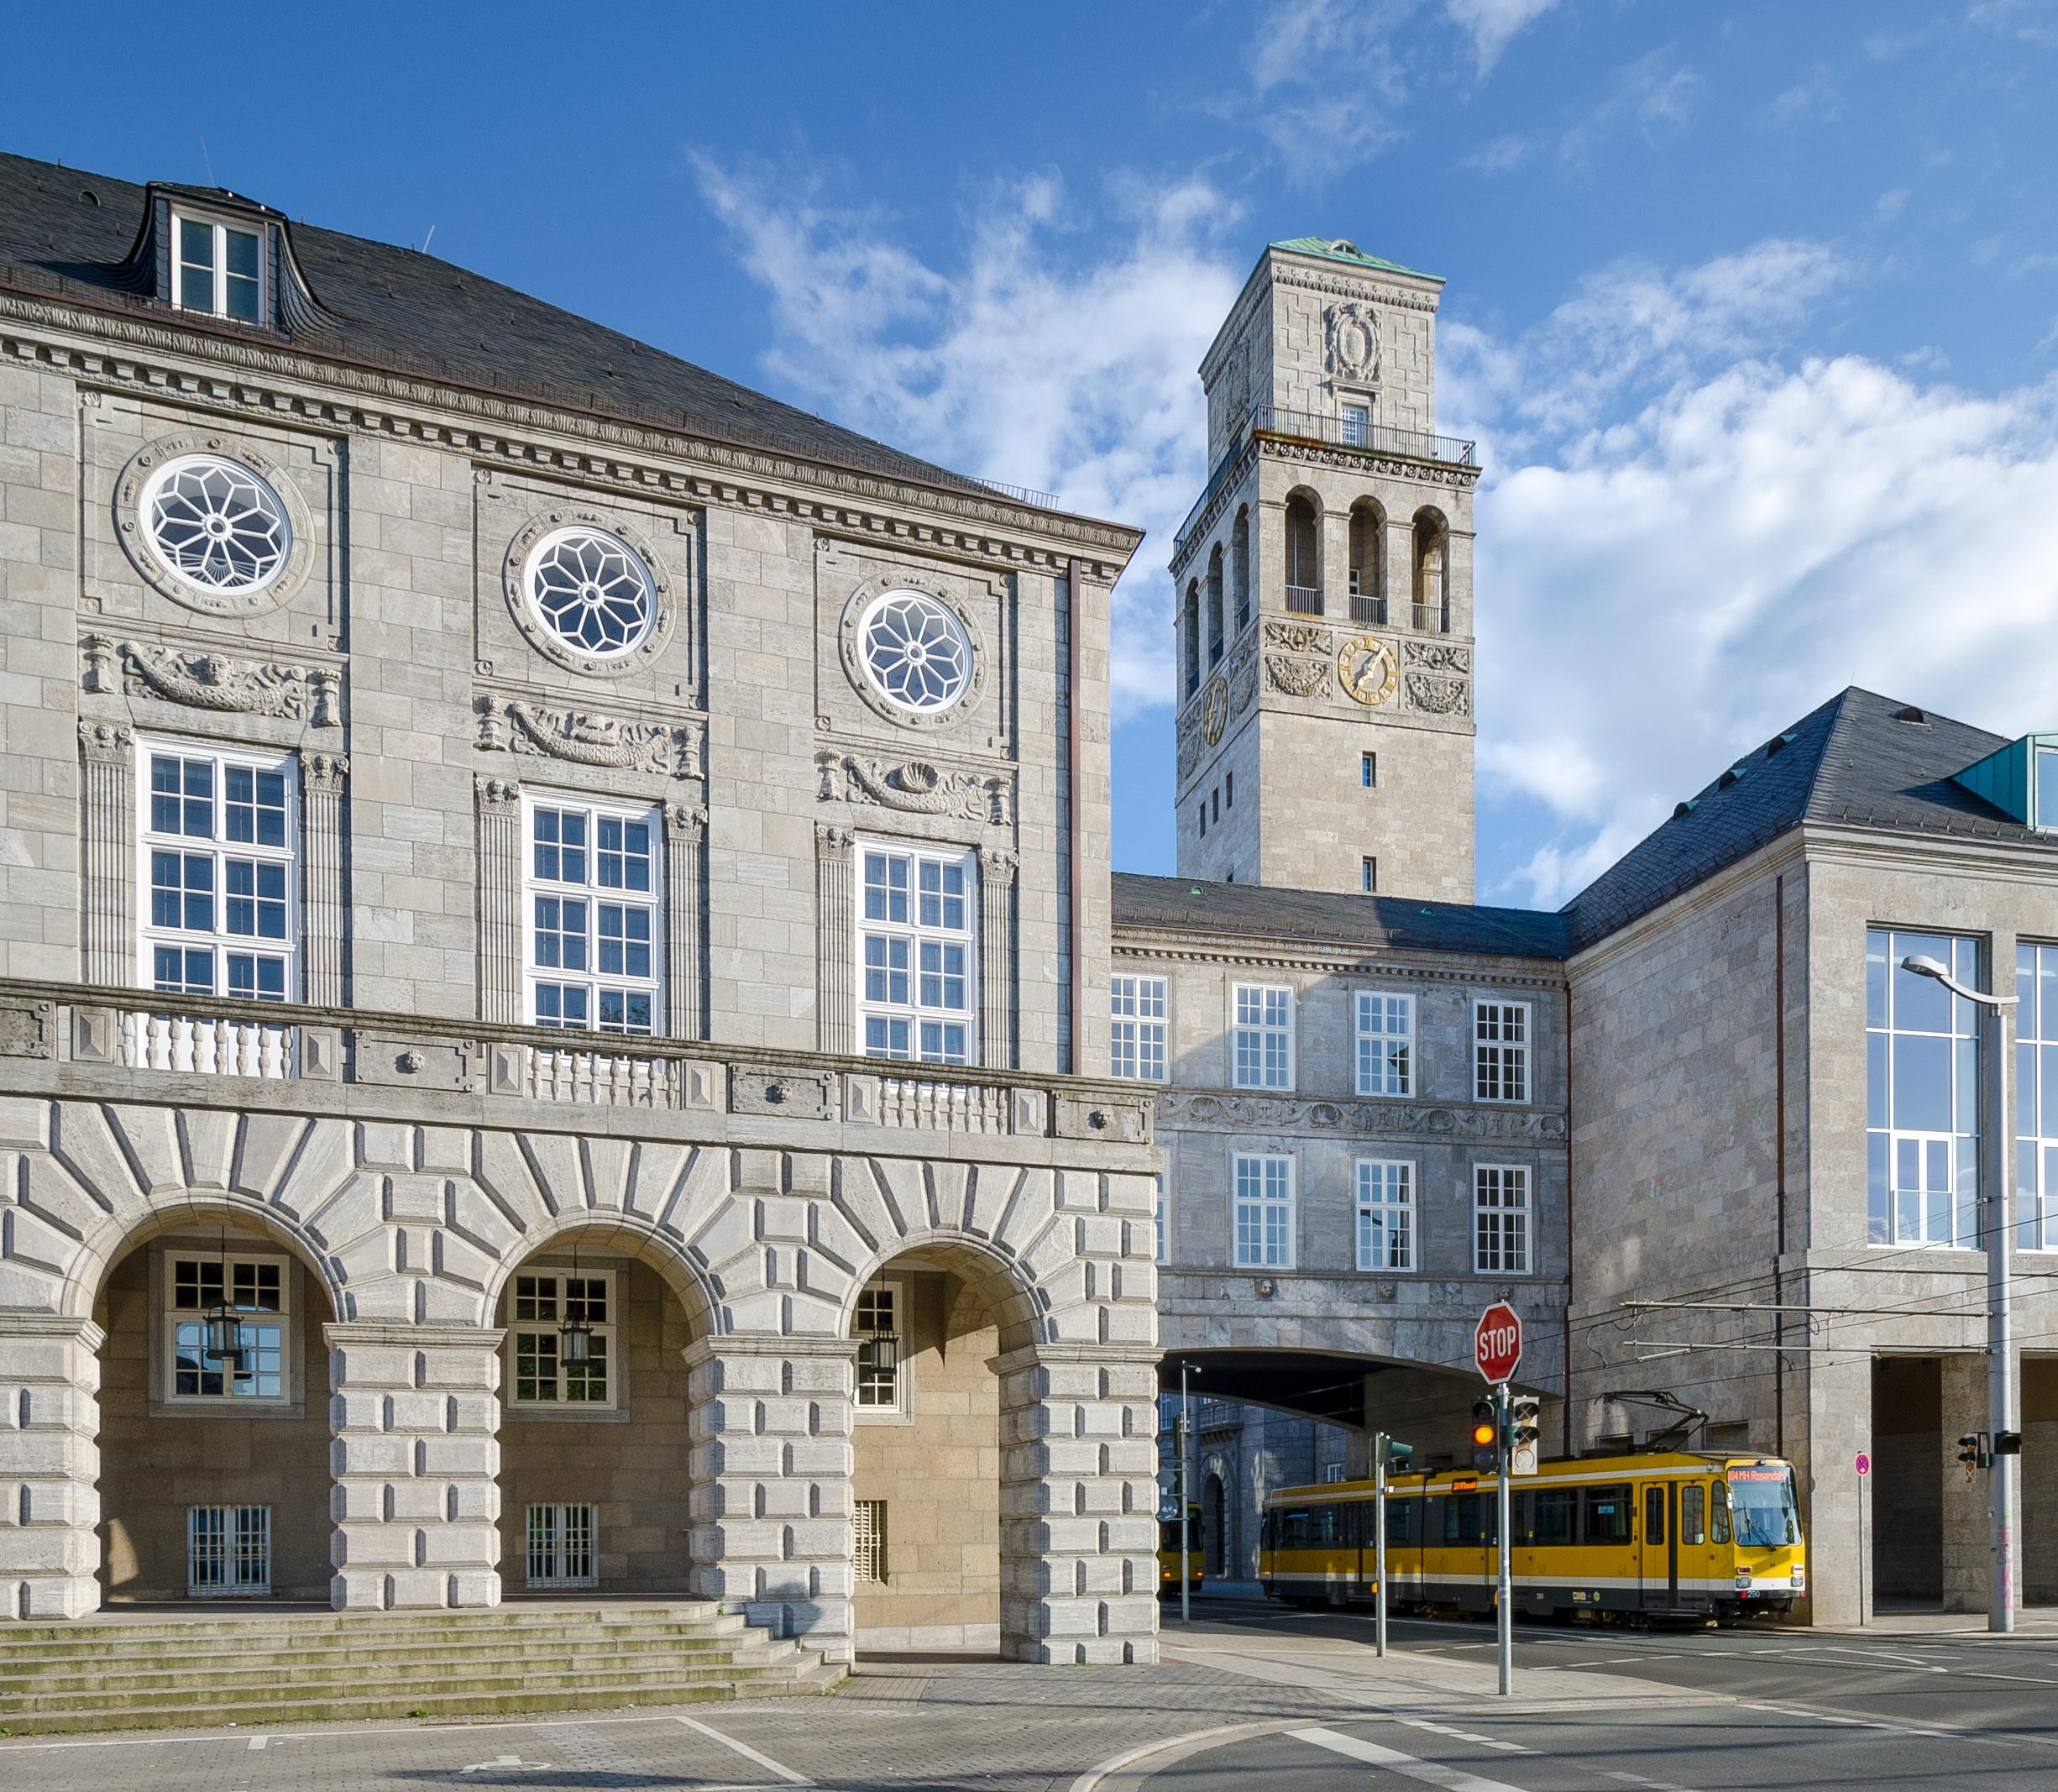 Historisches Rathaus Mülheim An Der Ruhr Wikipedia